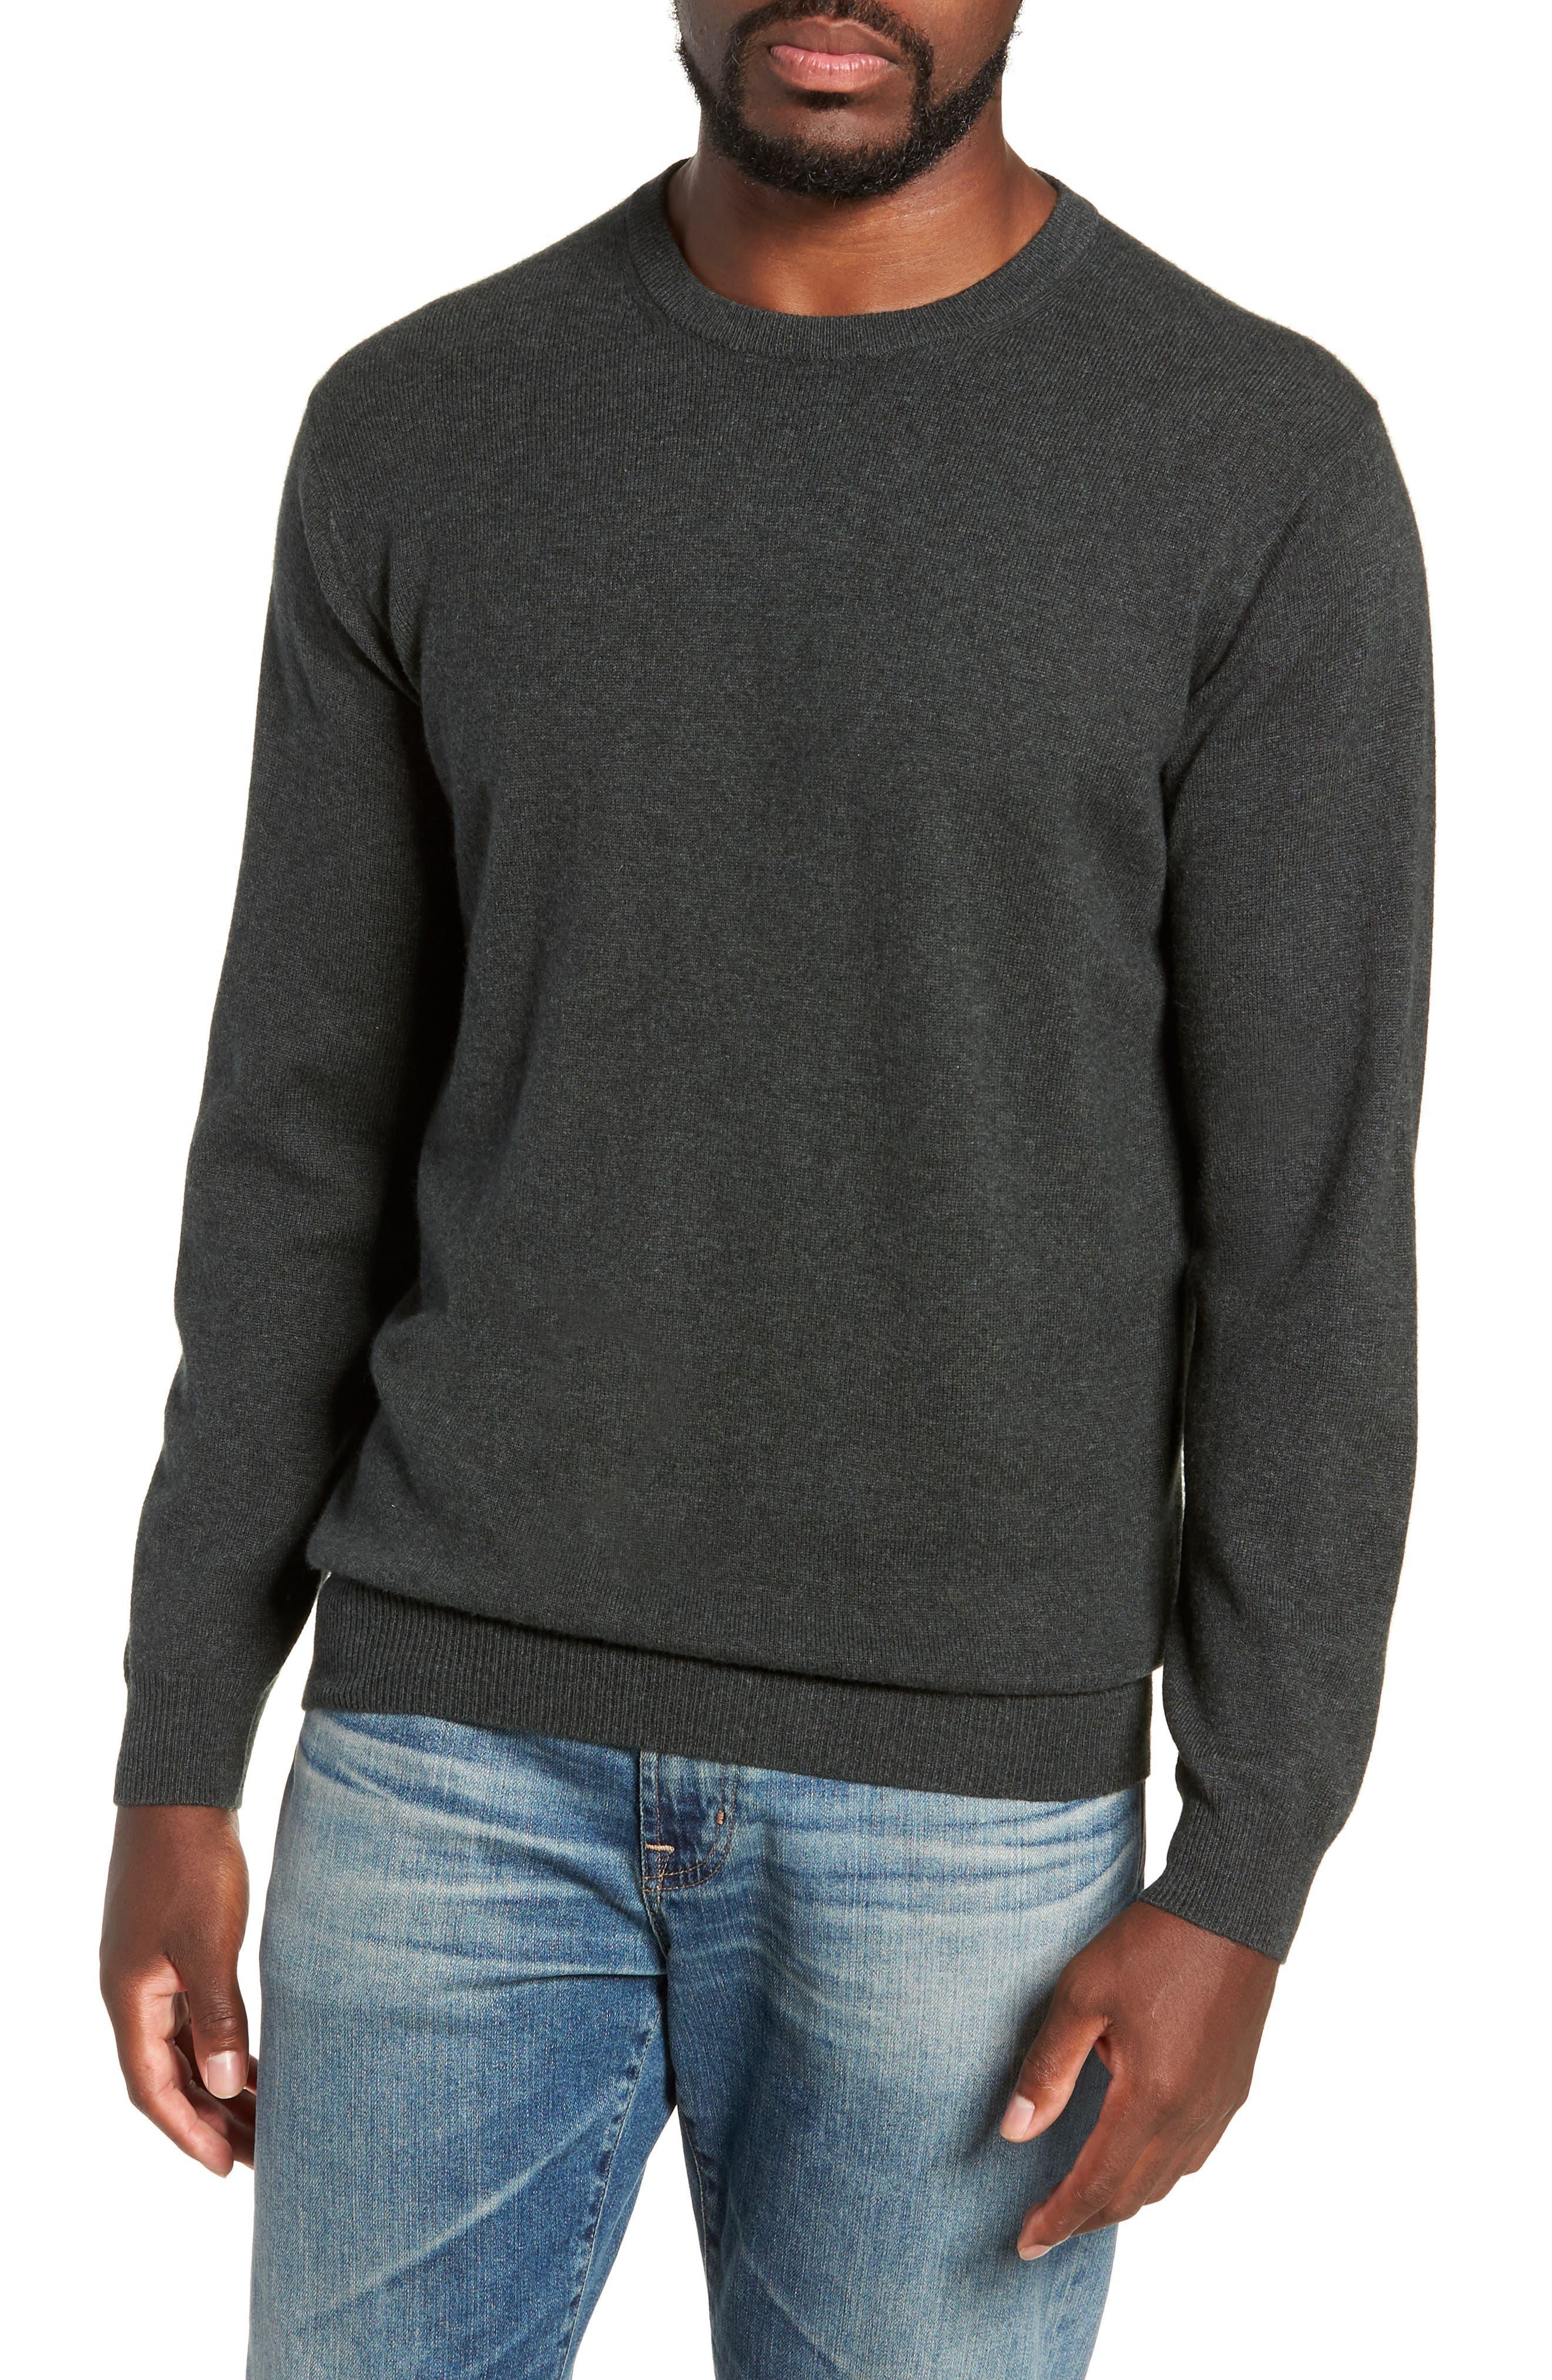 Rodd & Gunn Queenstown Wool & Cashmere Sweater, Green